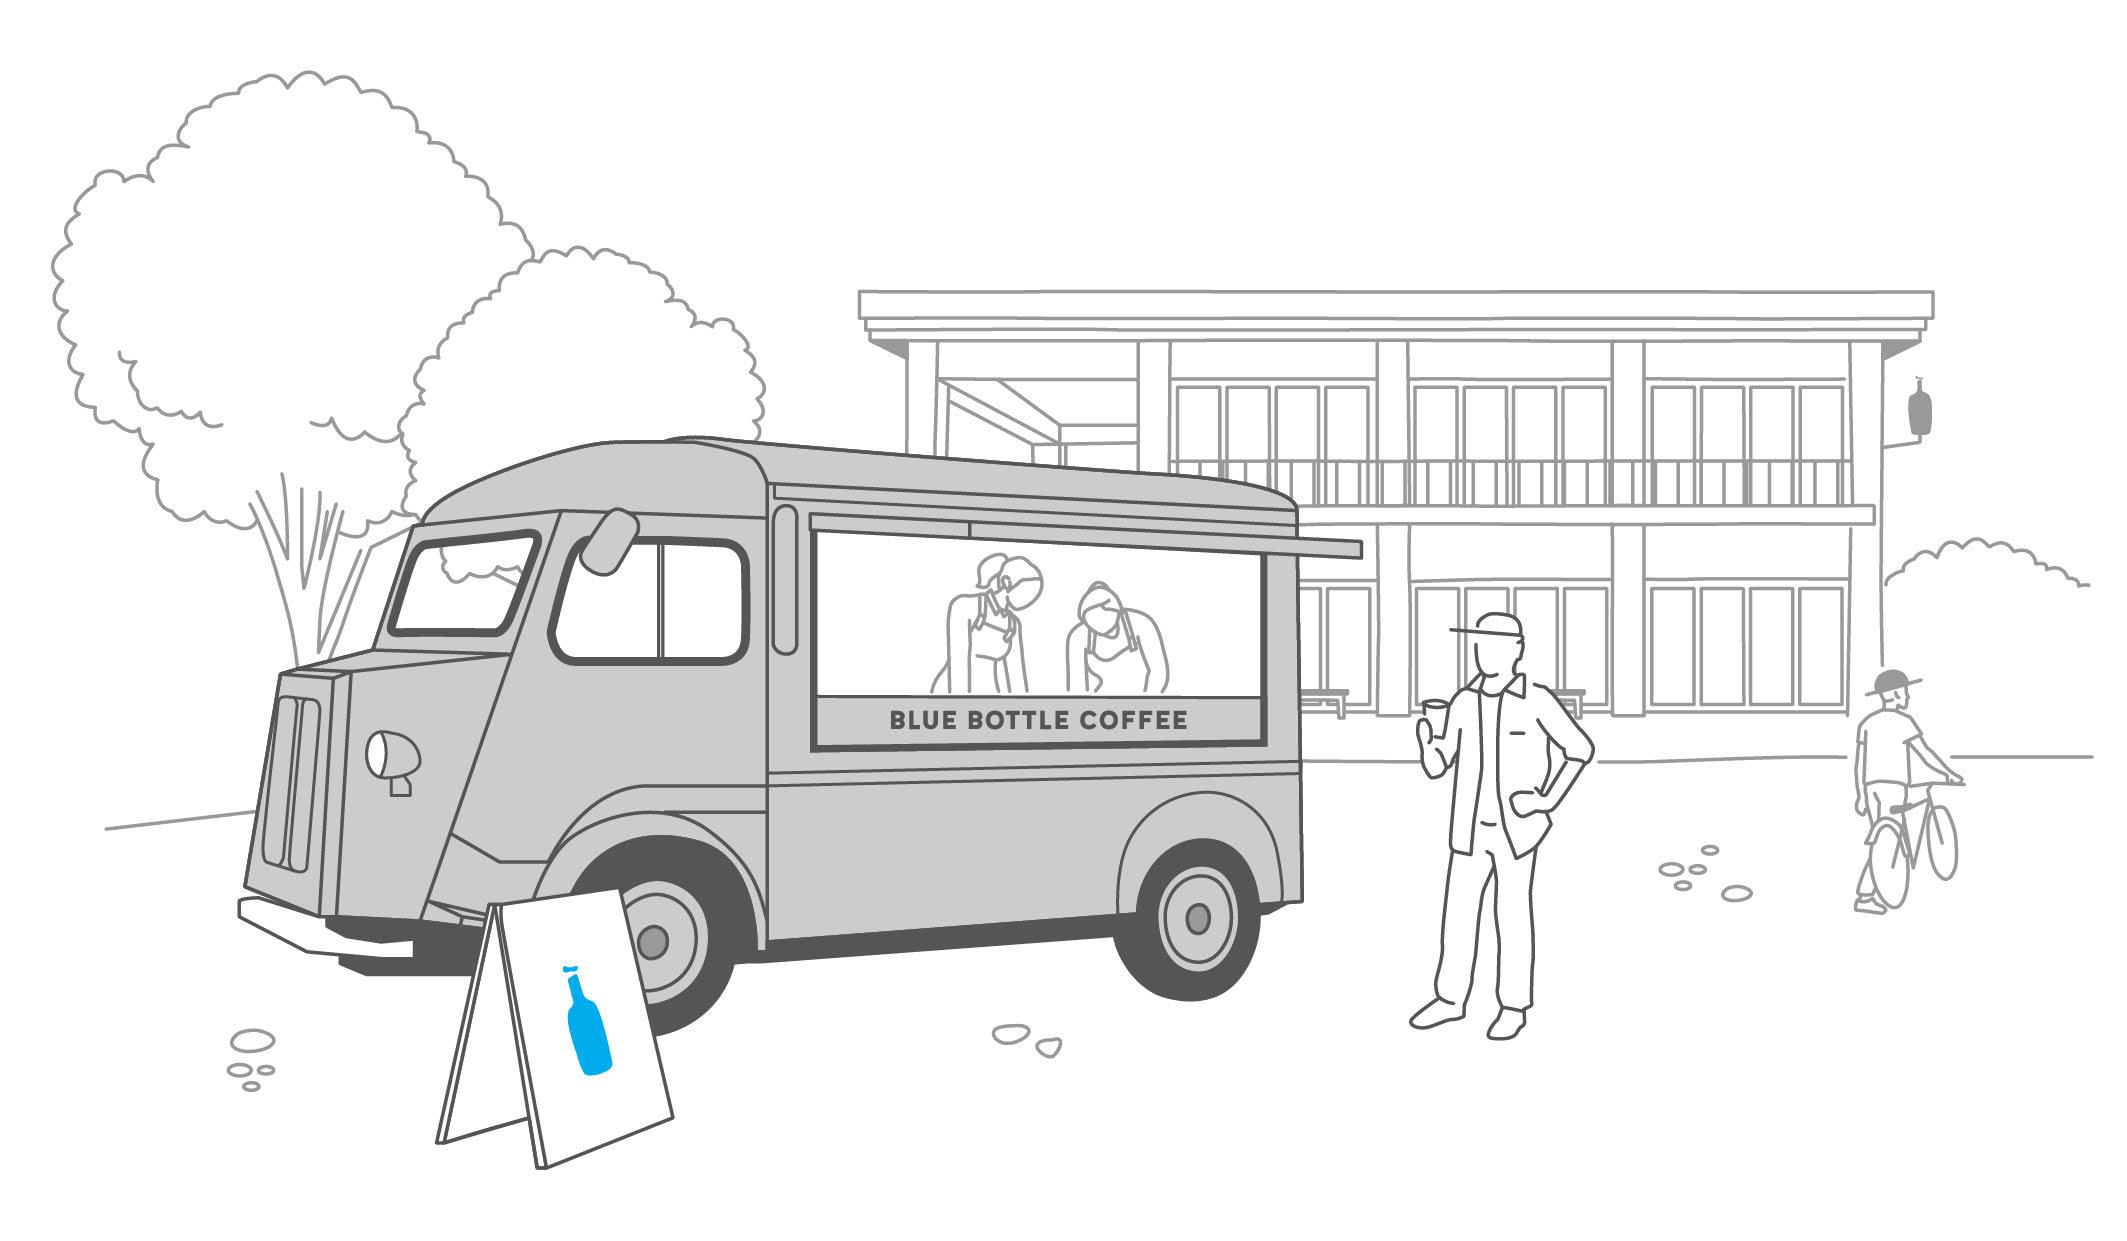 国内初となるブルーボトルコーヒートラック